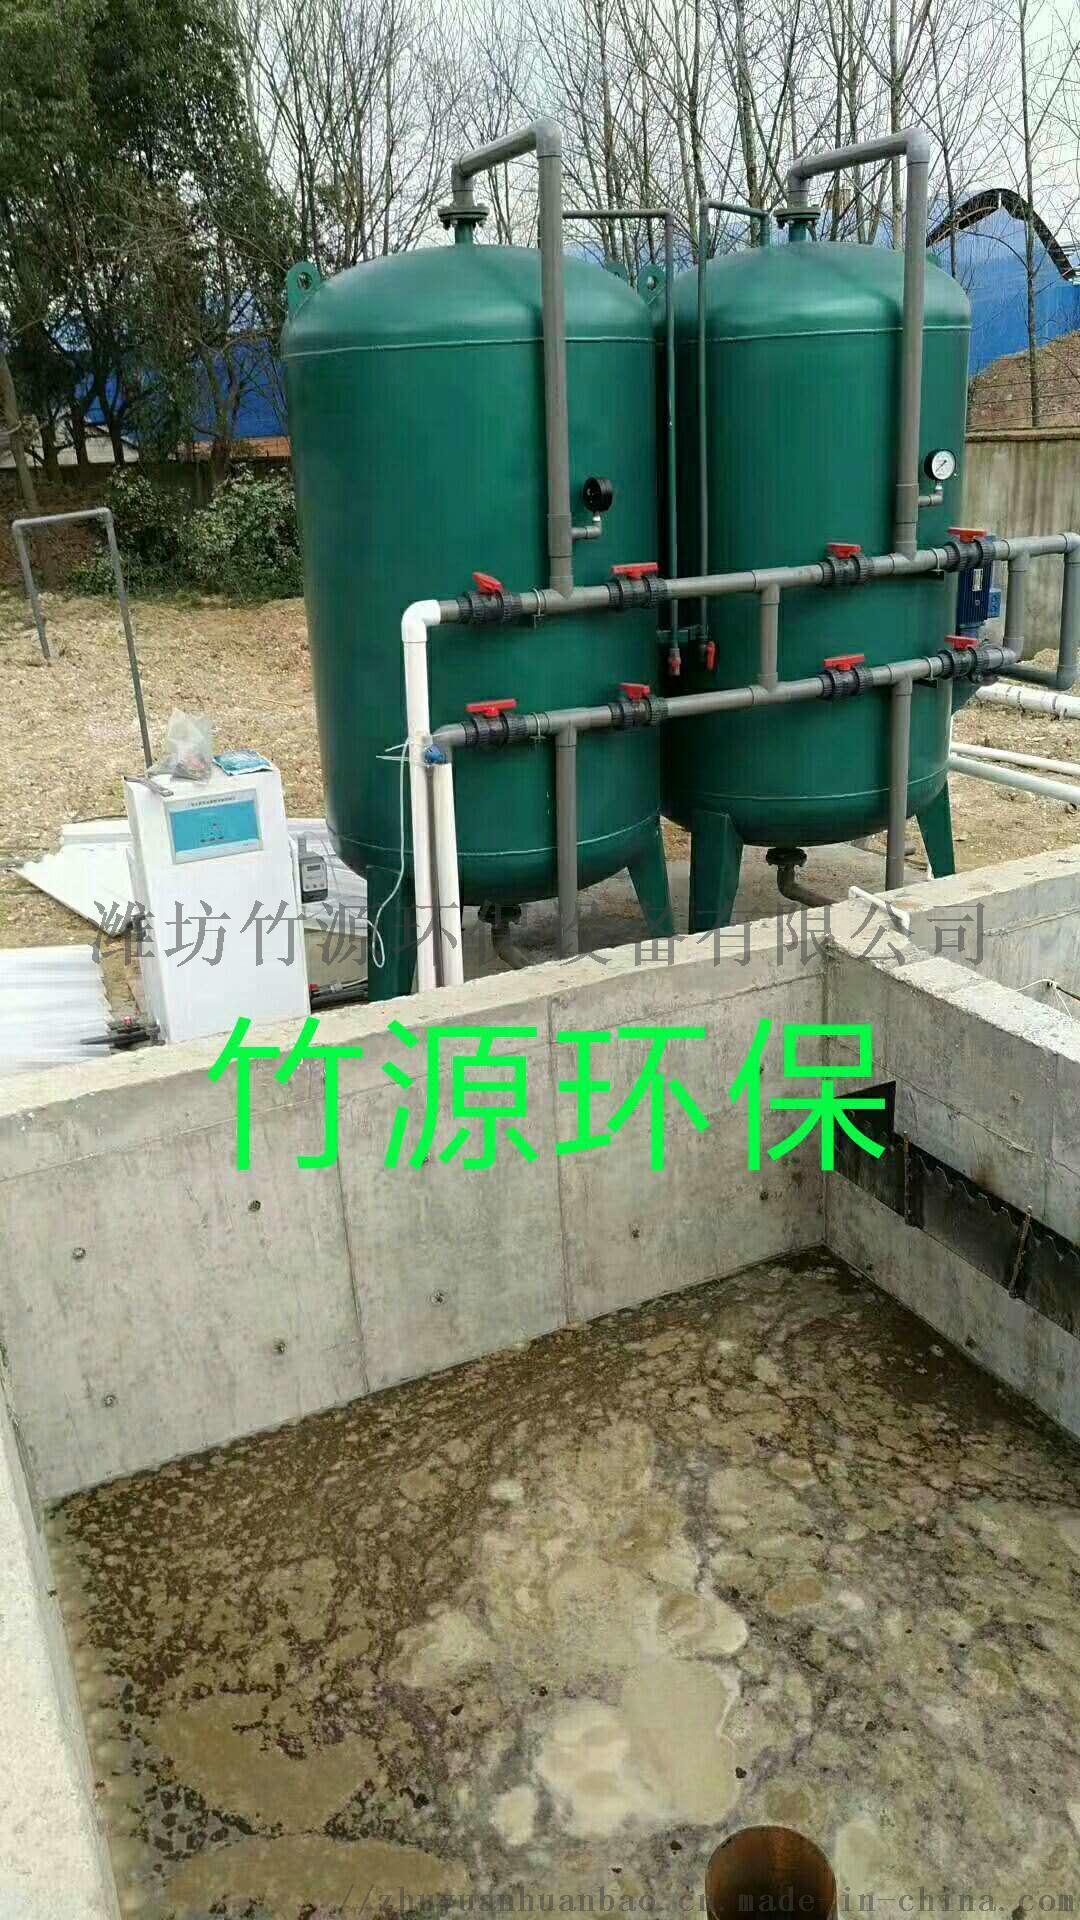 竹源-养猪场废水处理一体化装置效果好118851772